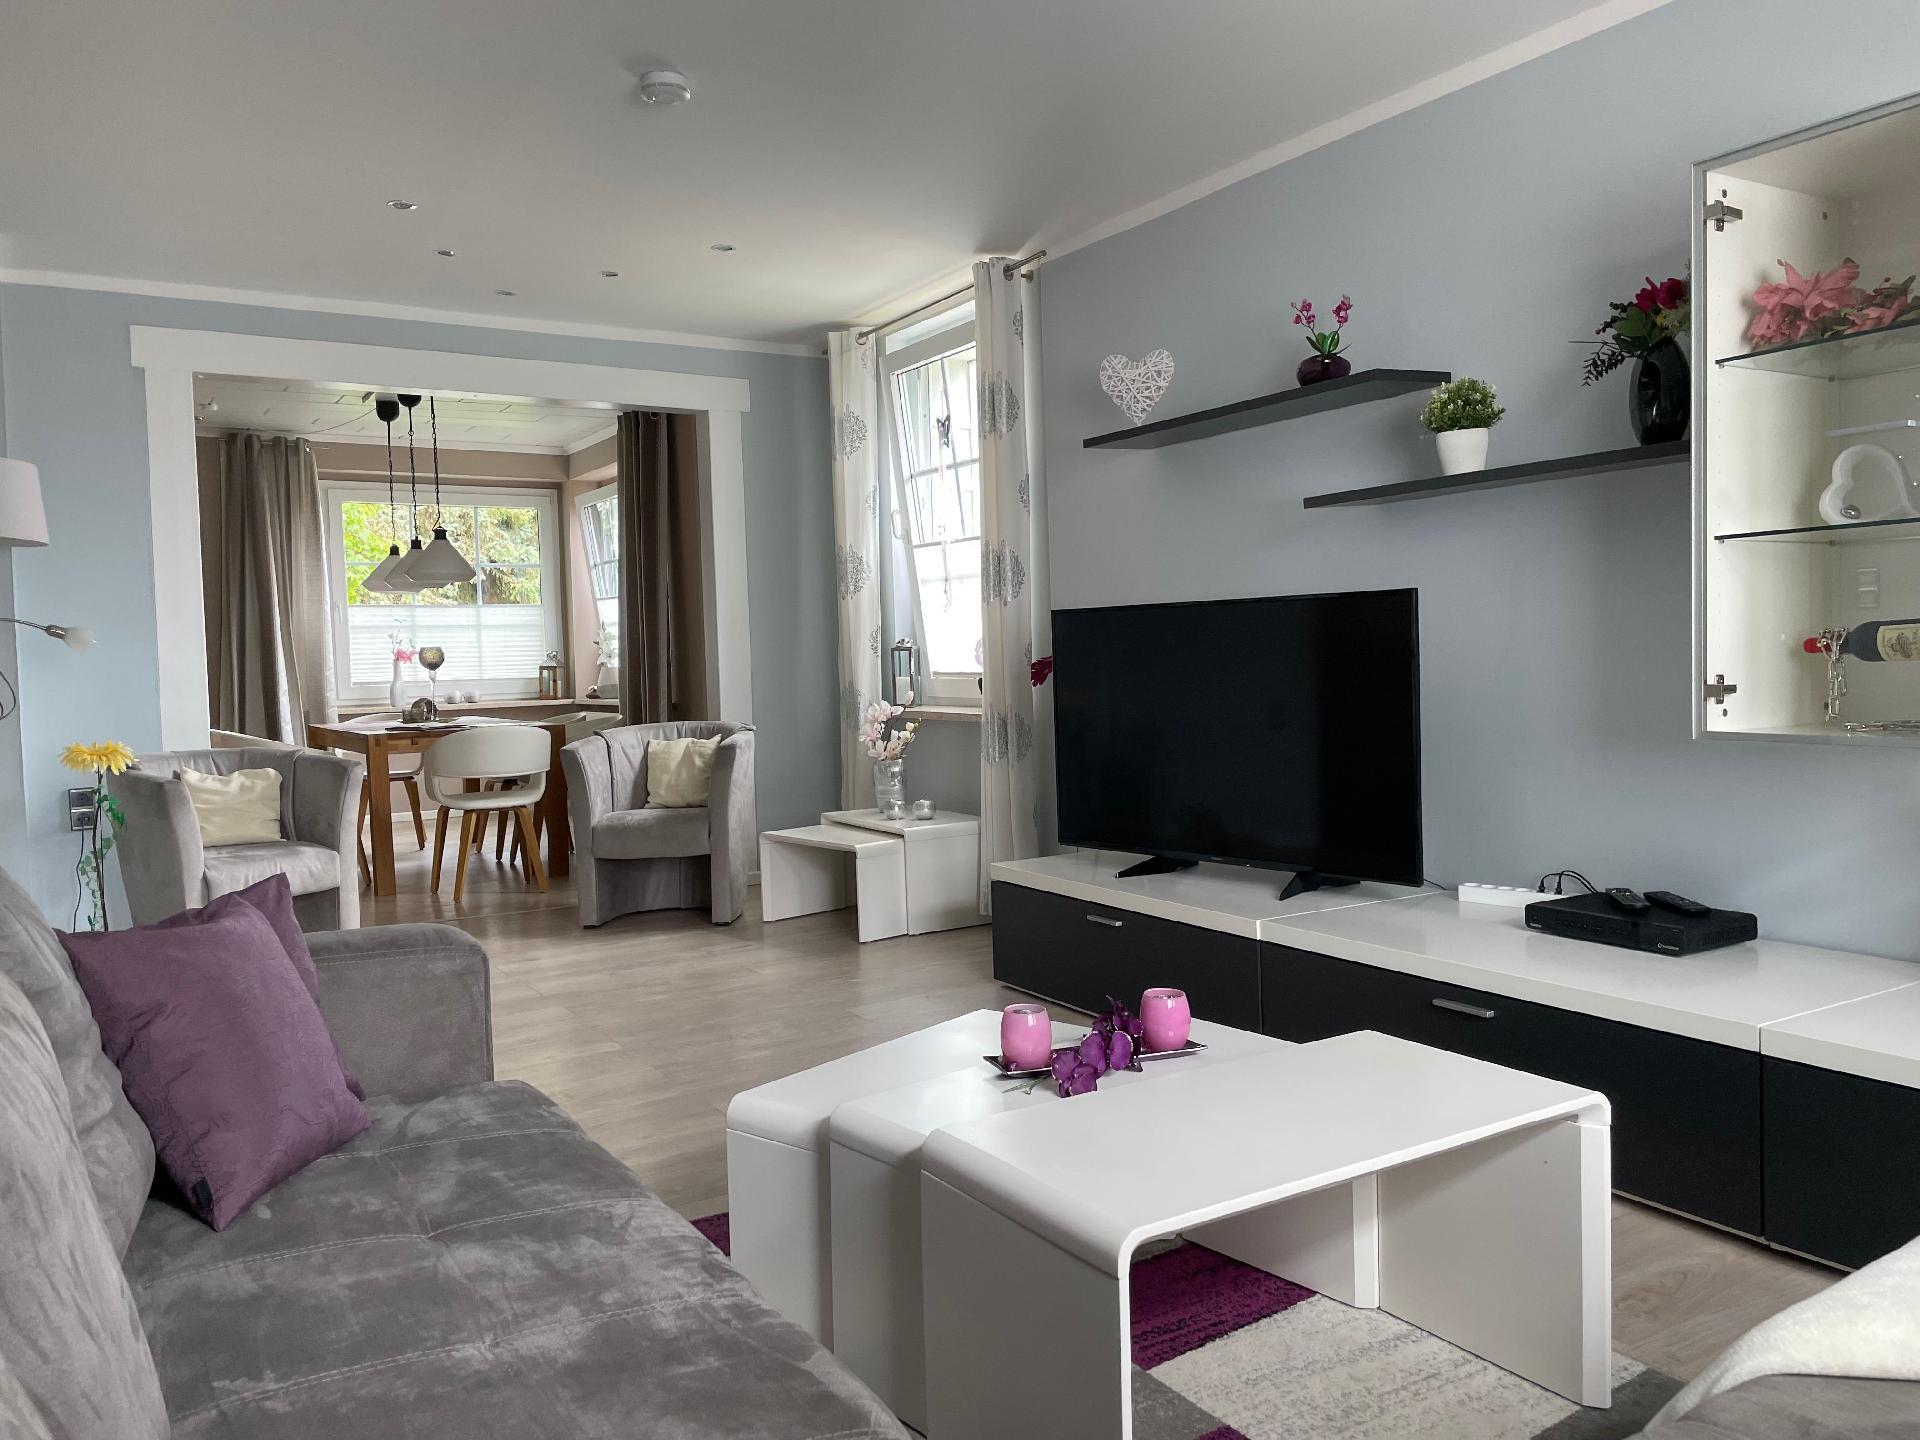 Ferienhaus für 8 Personen ca. 150 m² in   im Harz